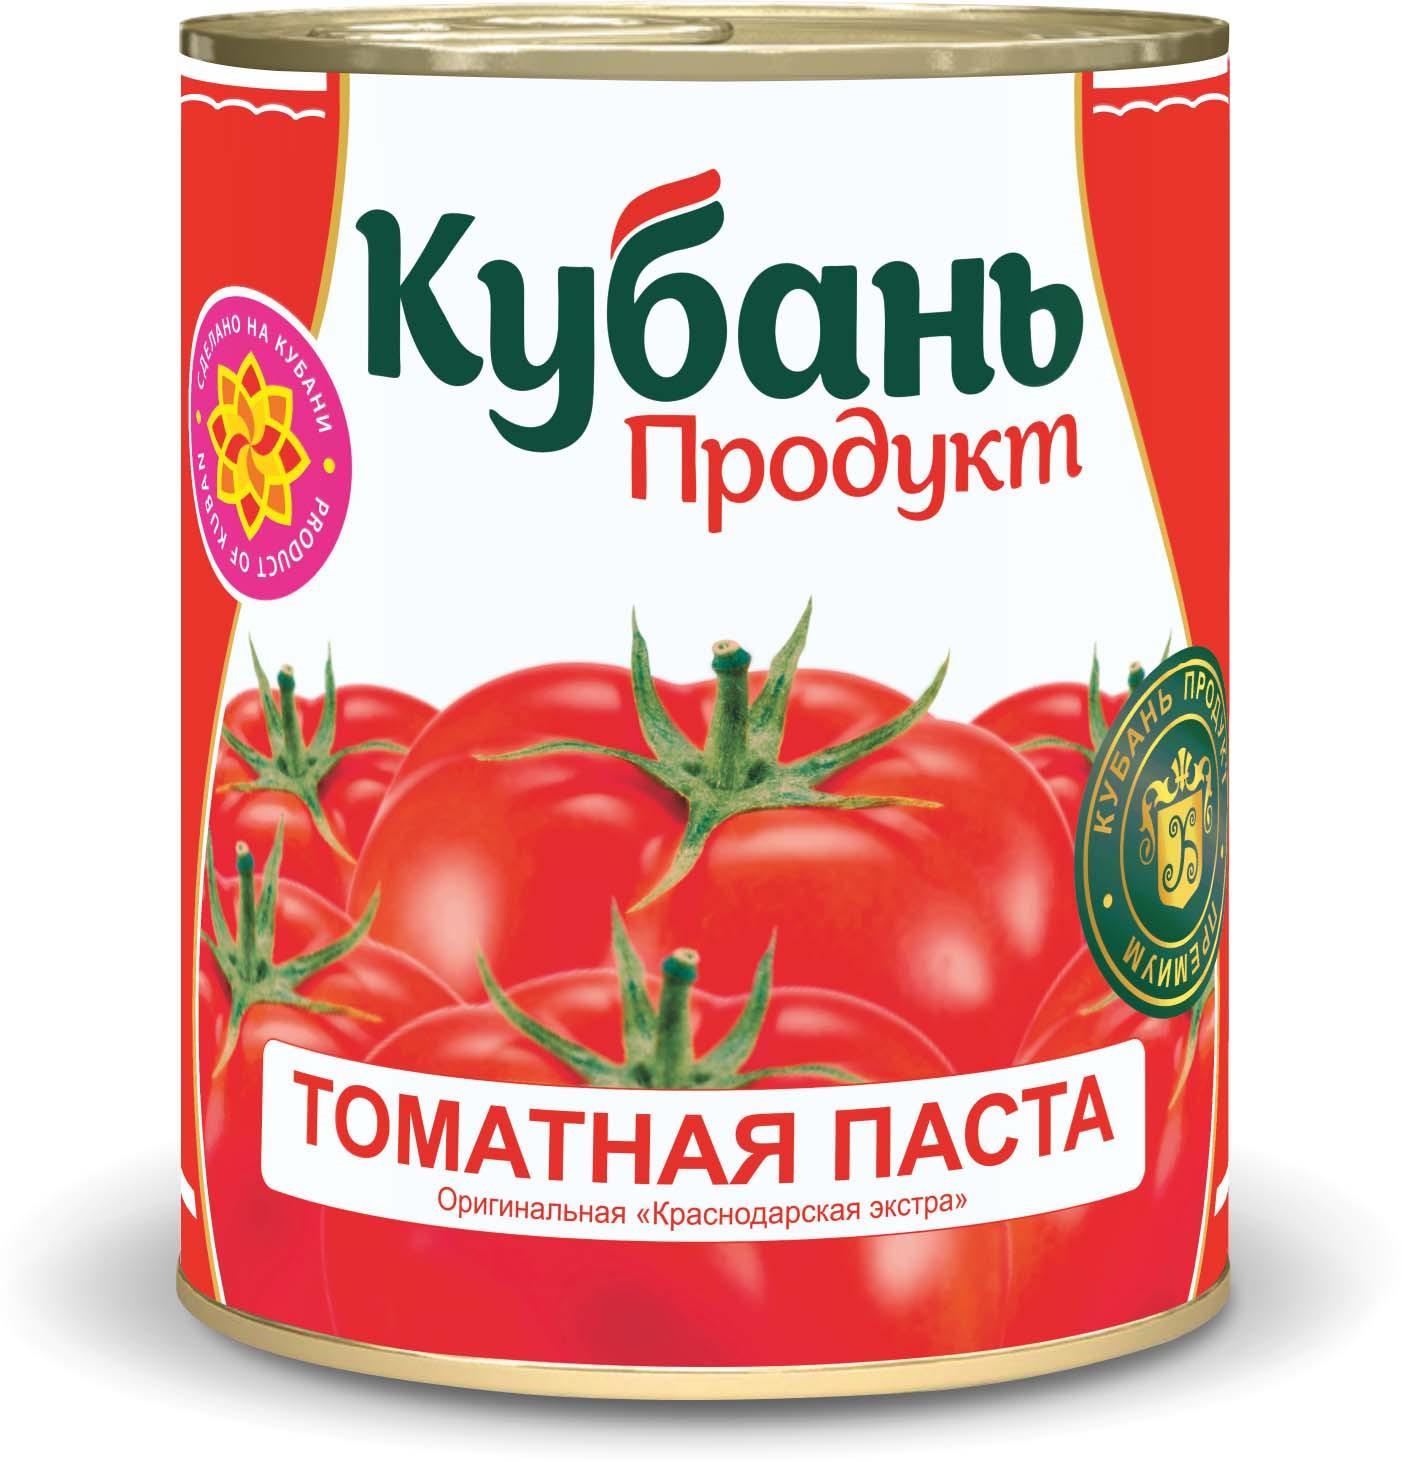 Кубань Продукт паста томатная, 380 г тони моли томатная